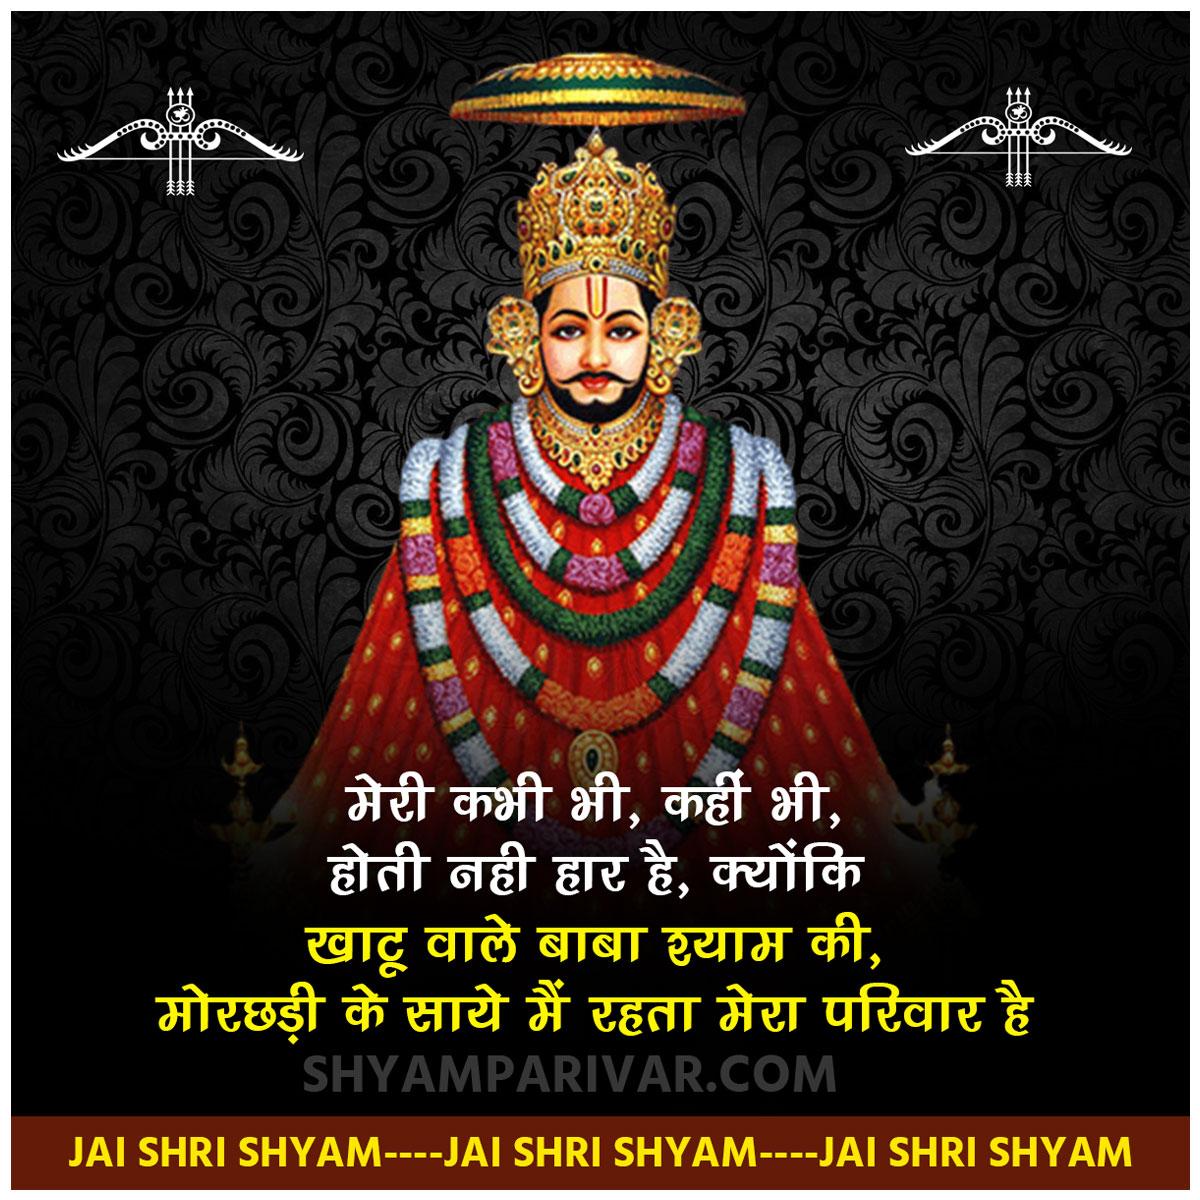 khatu shyam ji status hd wallpaper